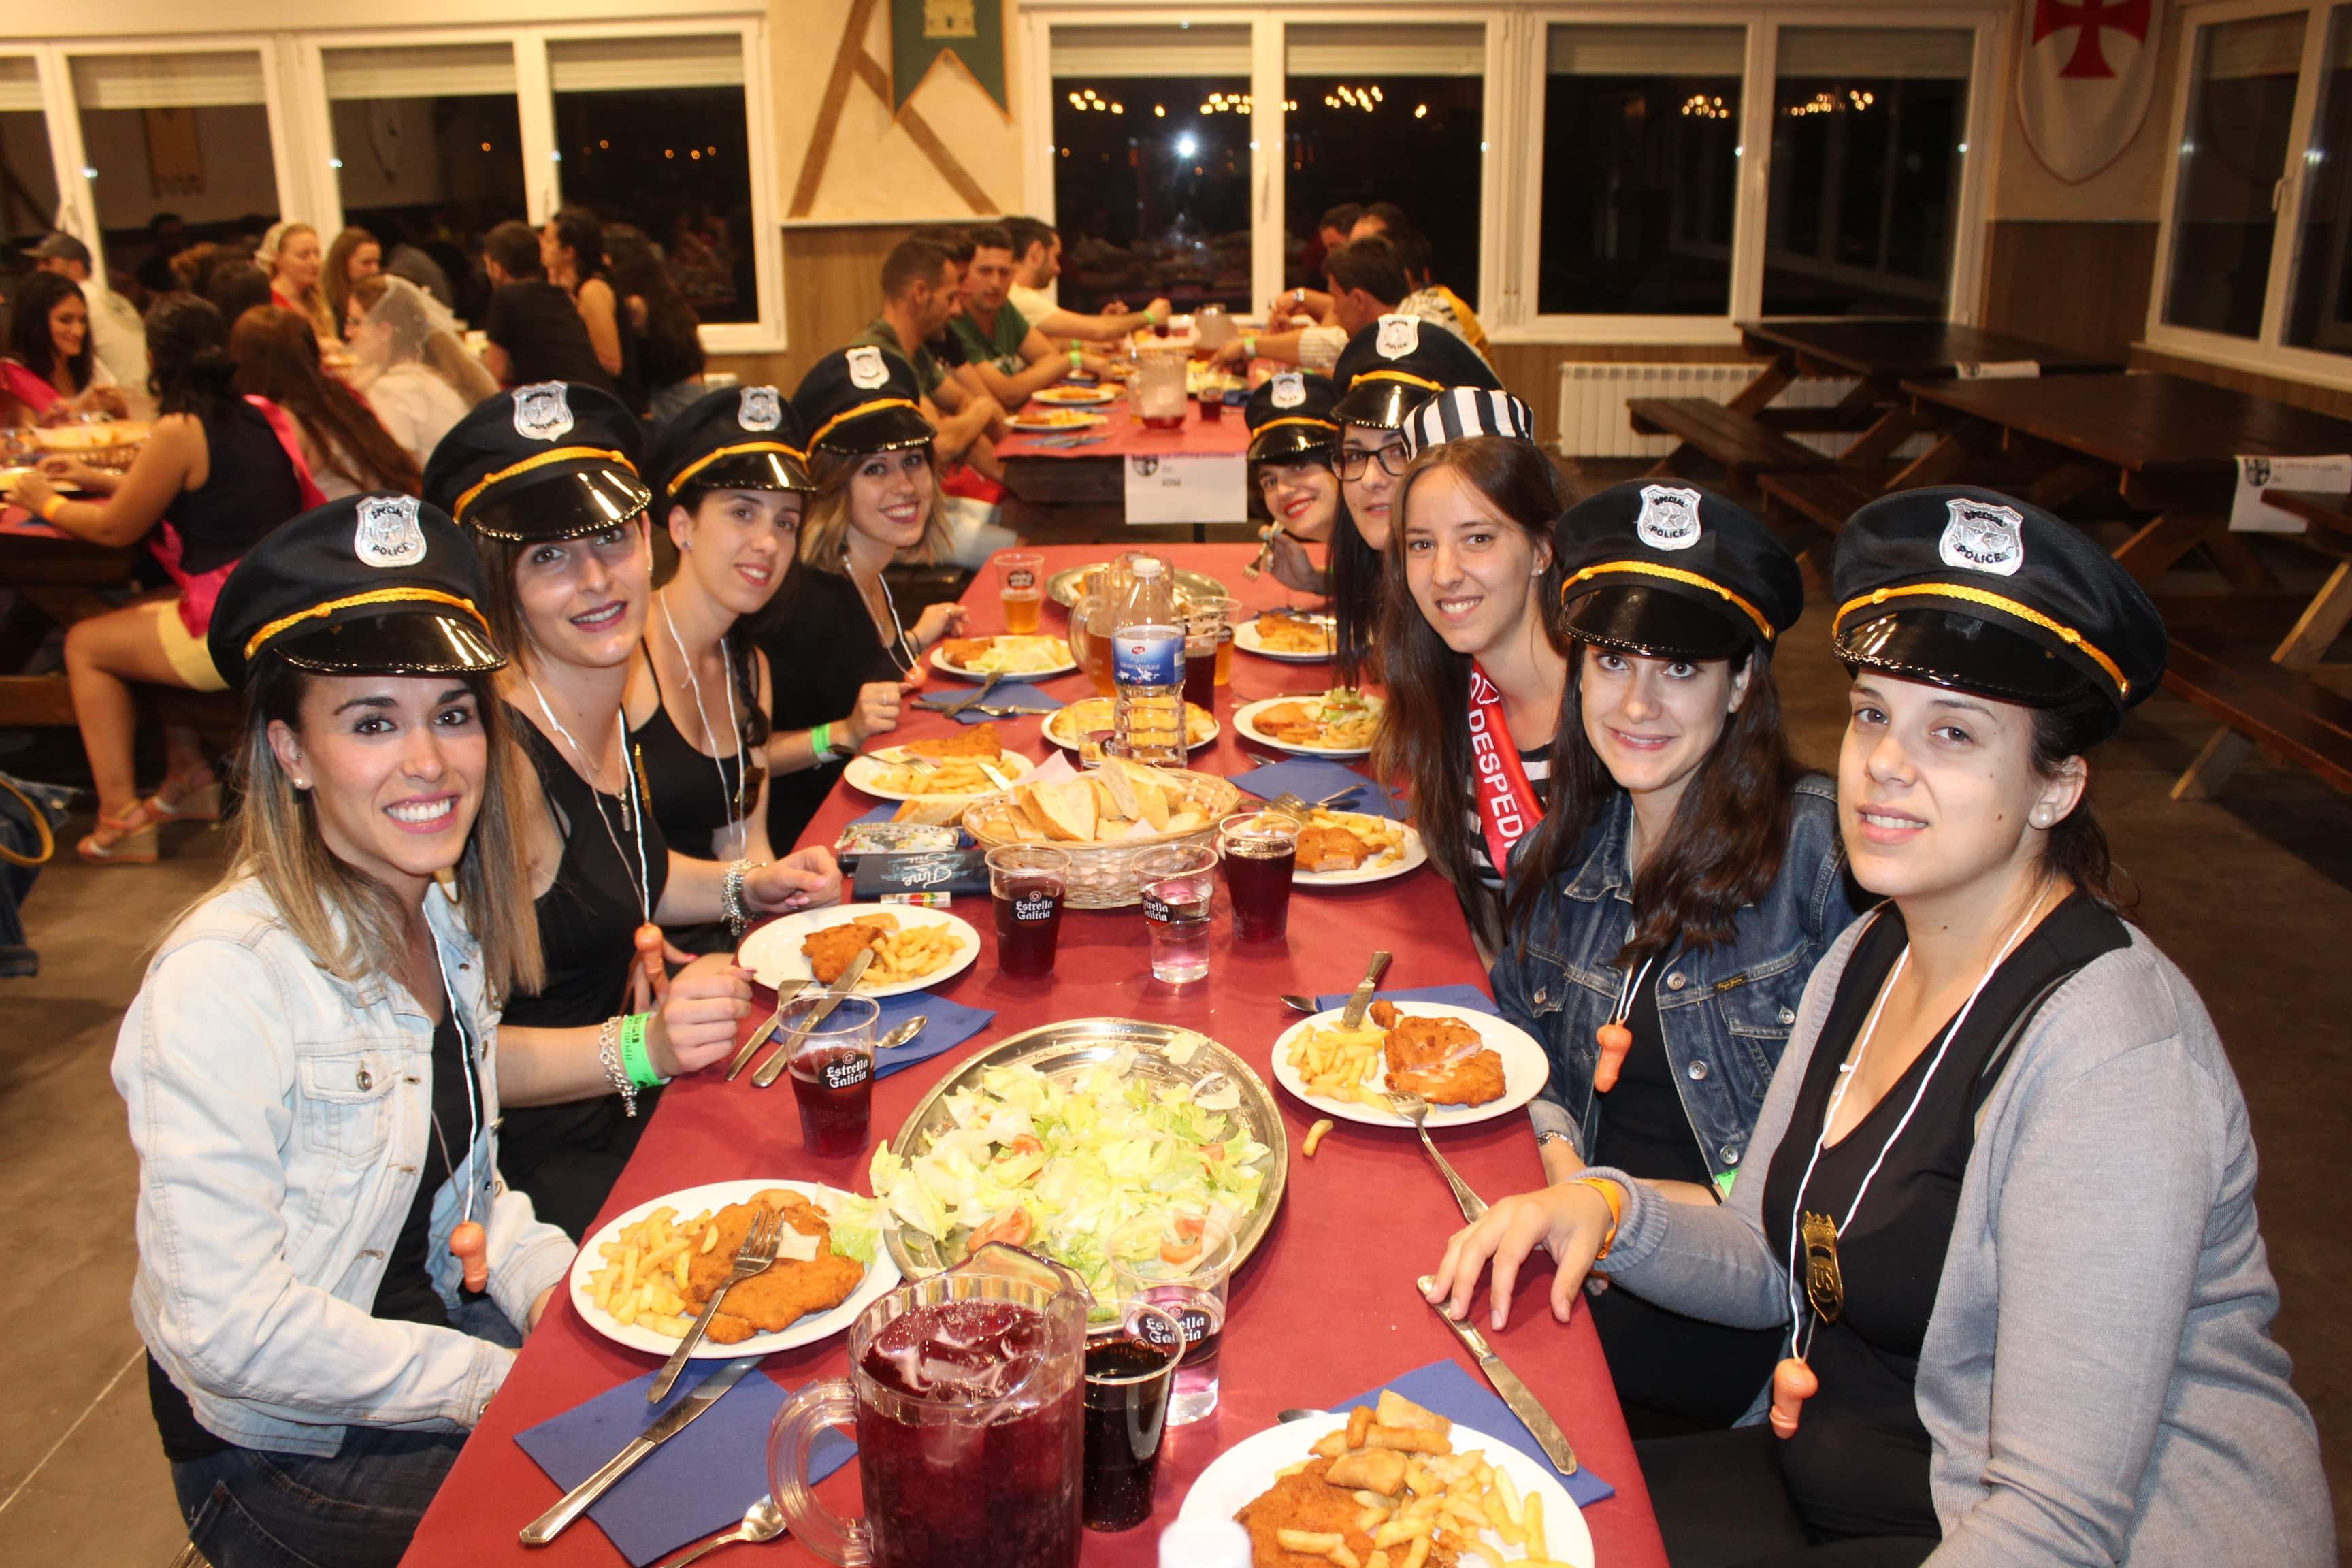 IMG 5525 - Restaurante y zona baile para despedidas en Salamanca